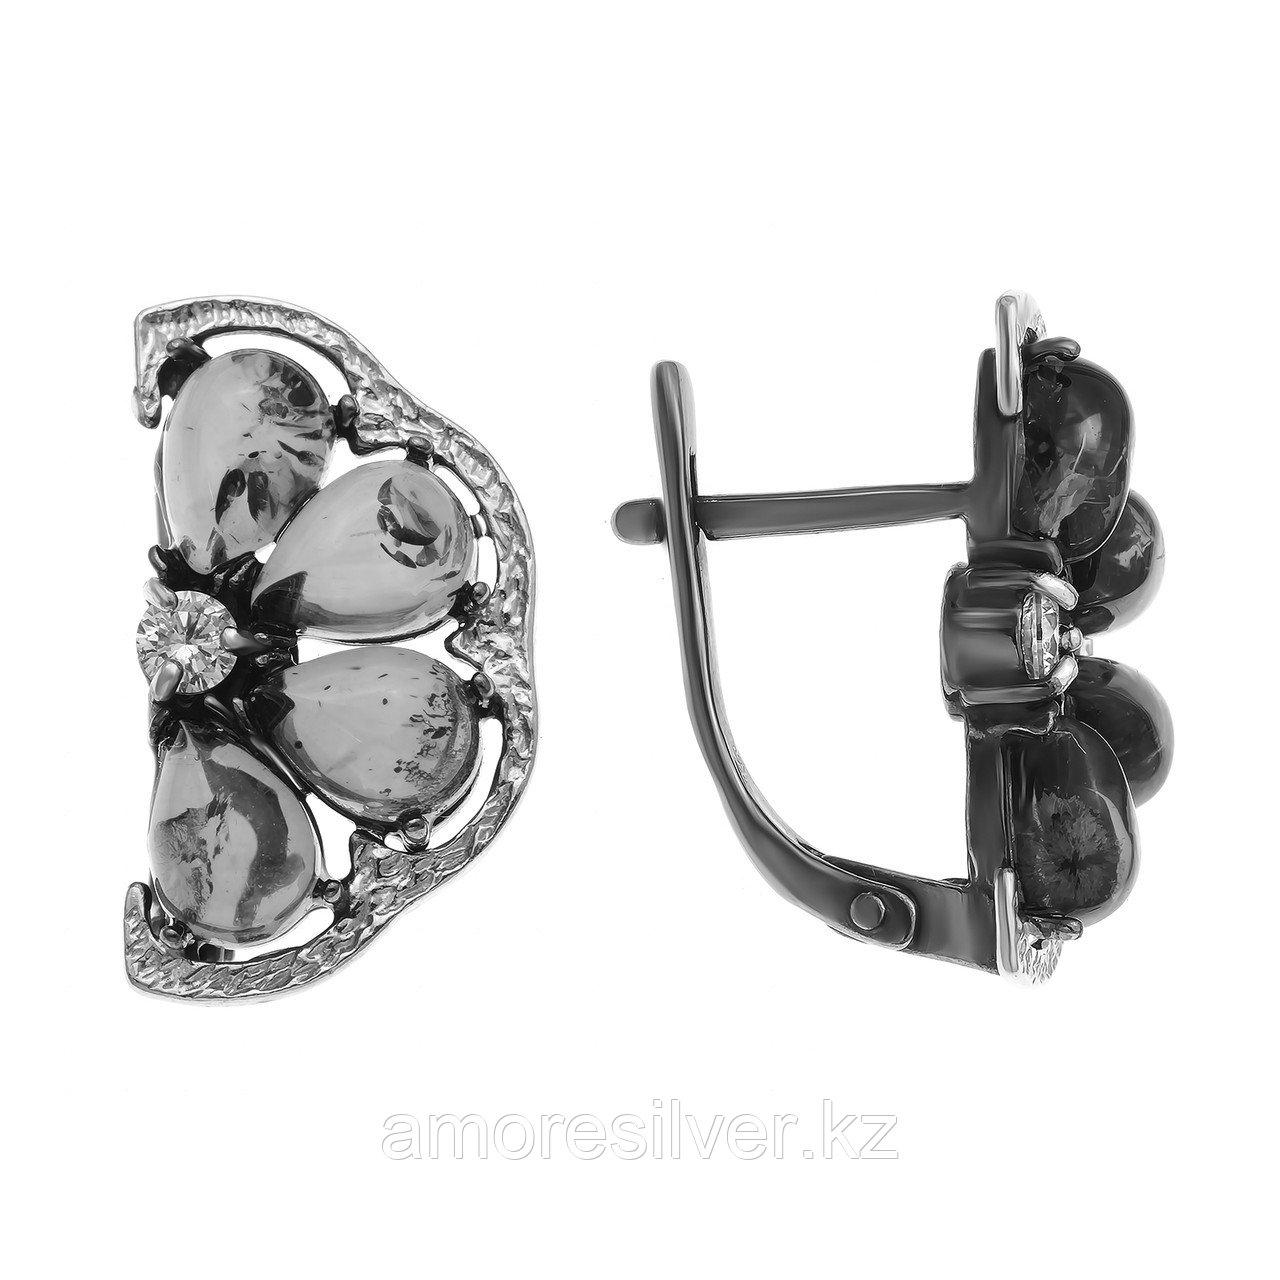 Серьги Amulet серебро без покрытия, янтарь, флора 2.19